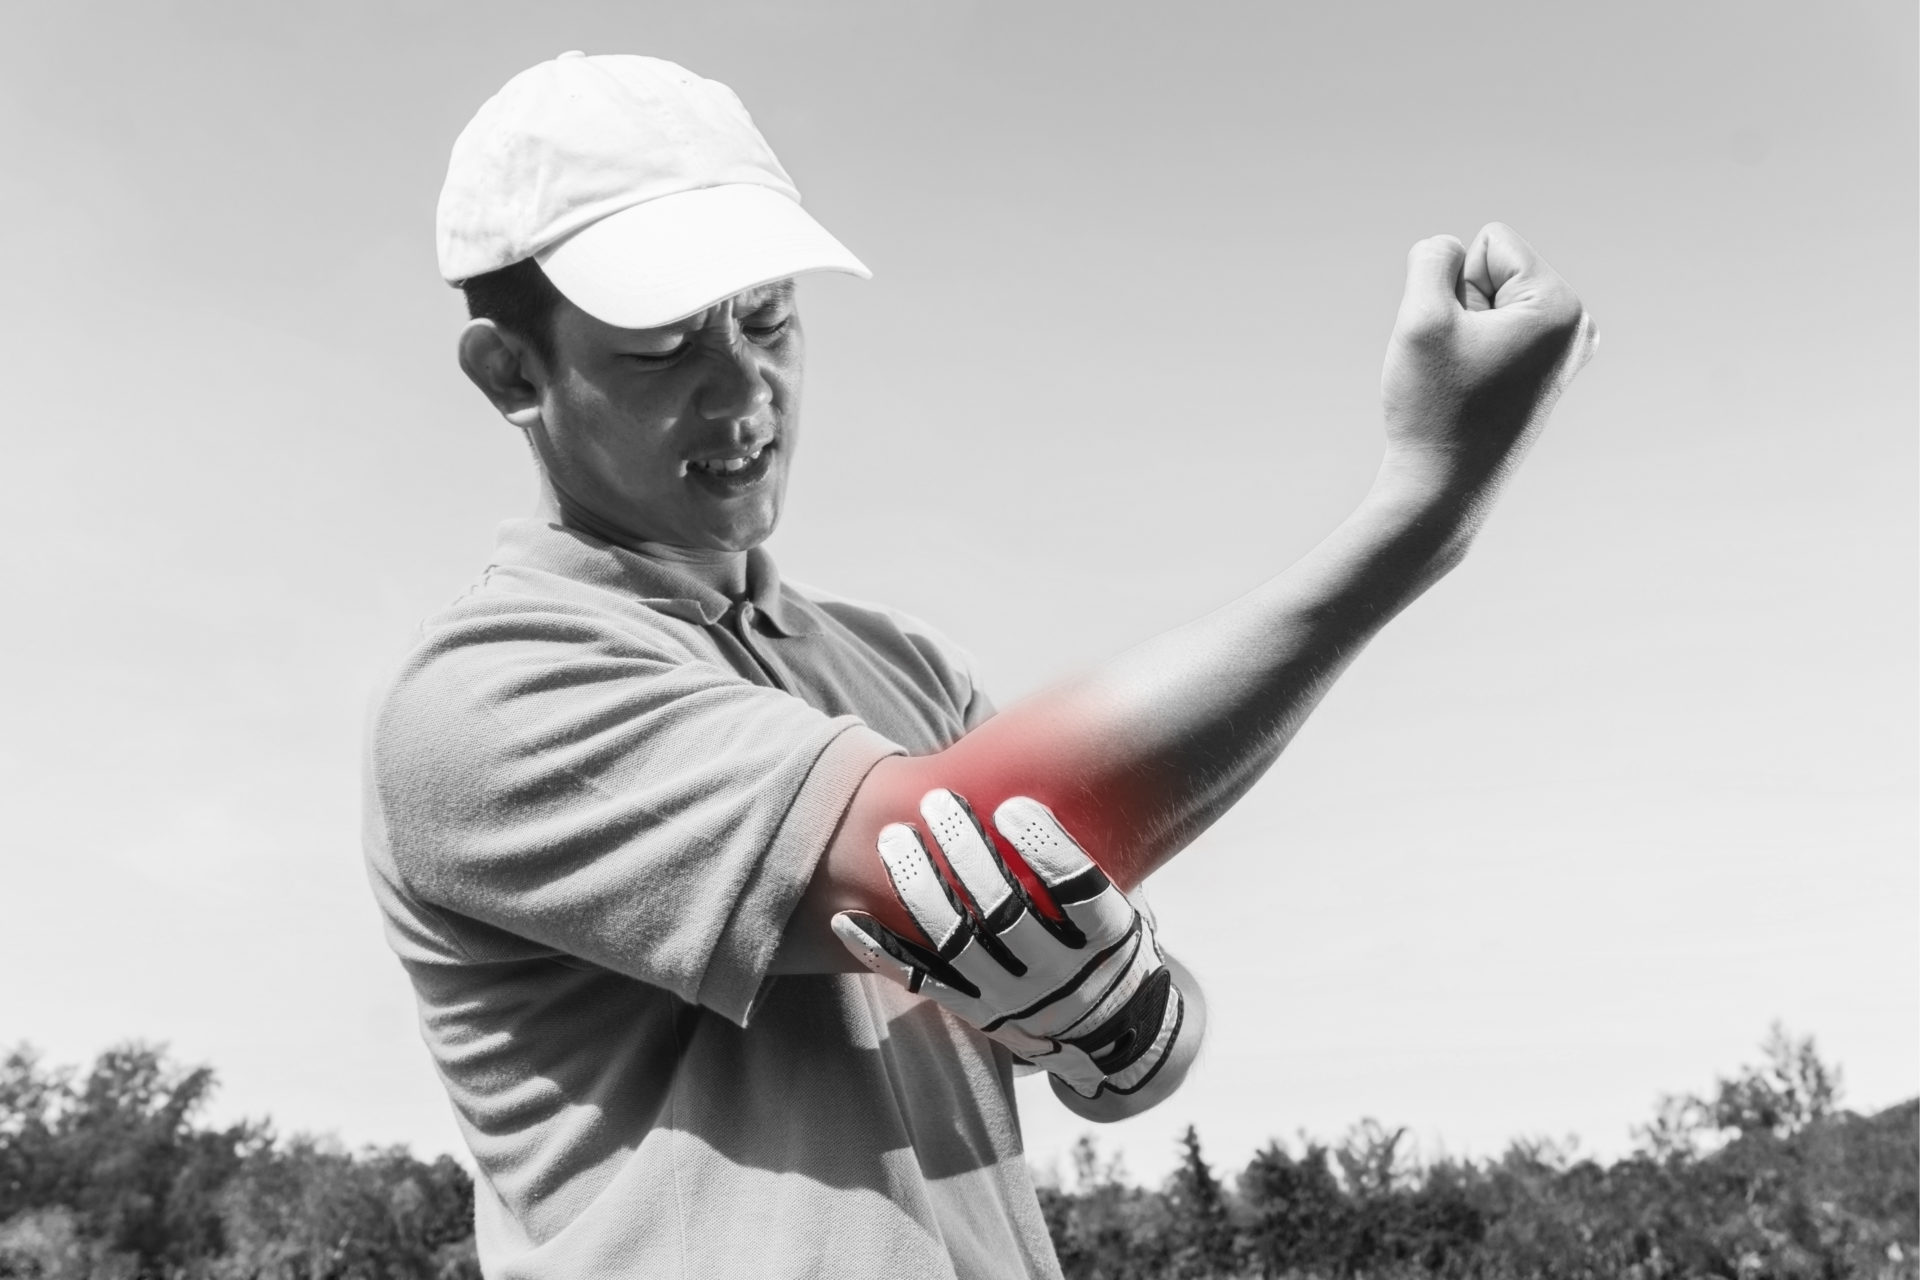 Golferarm wie behandeln